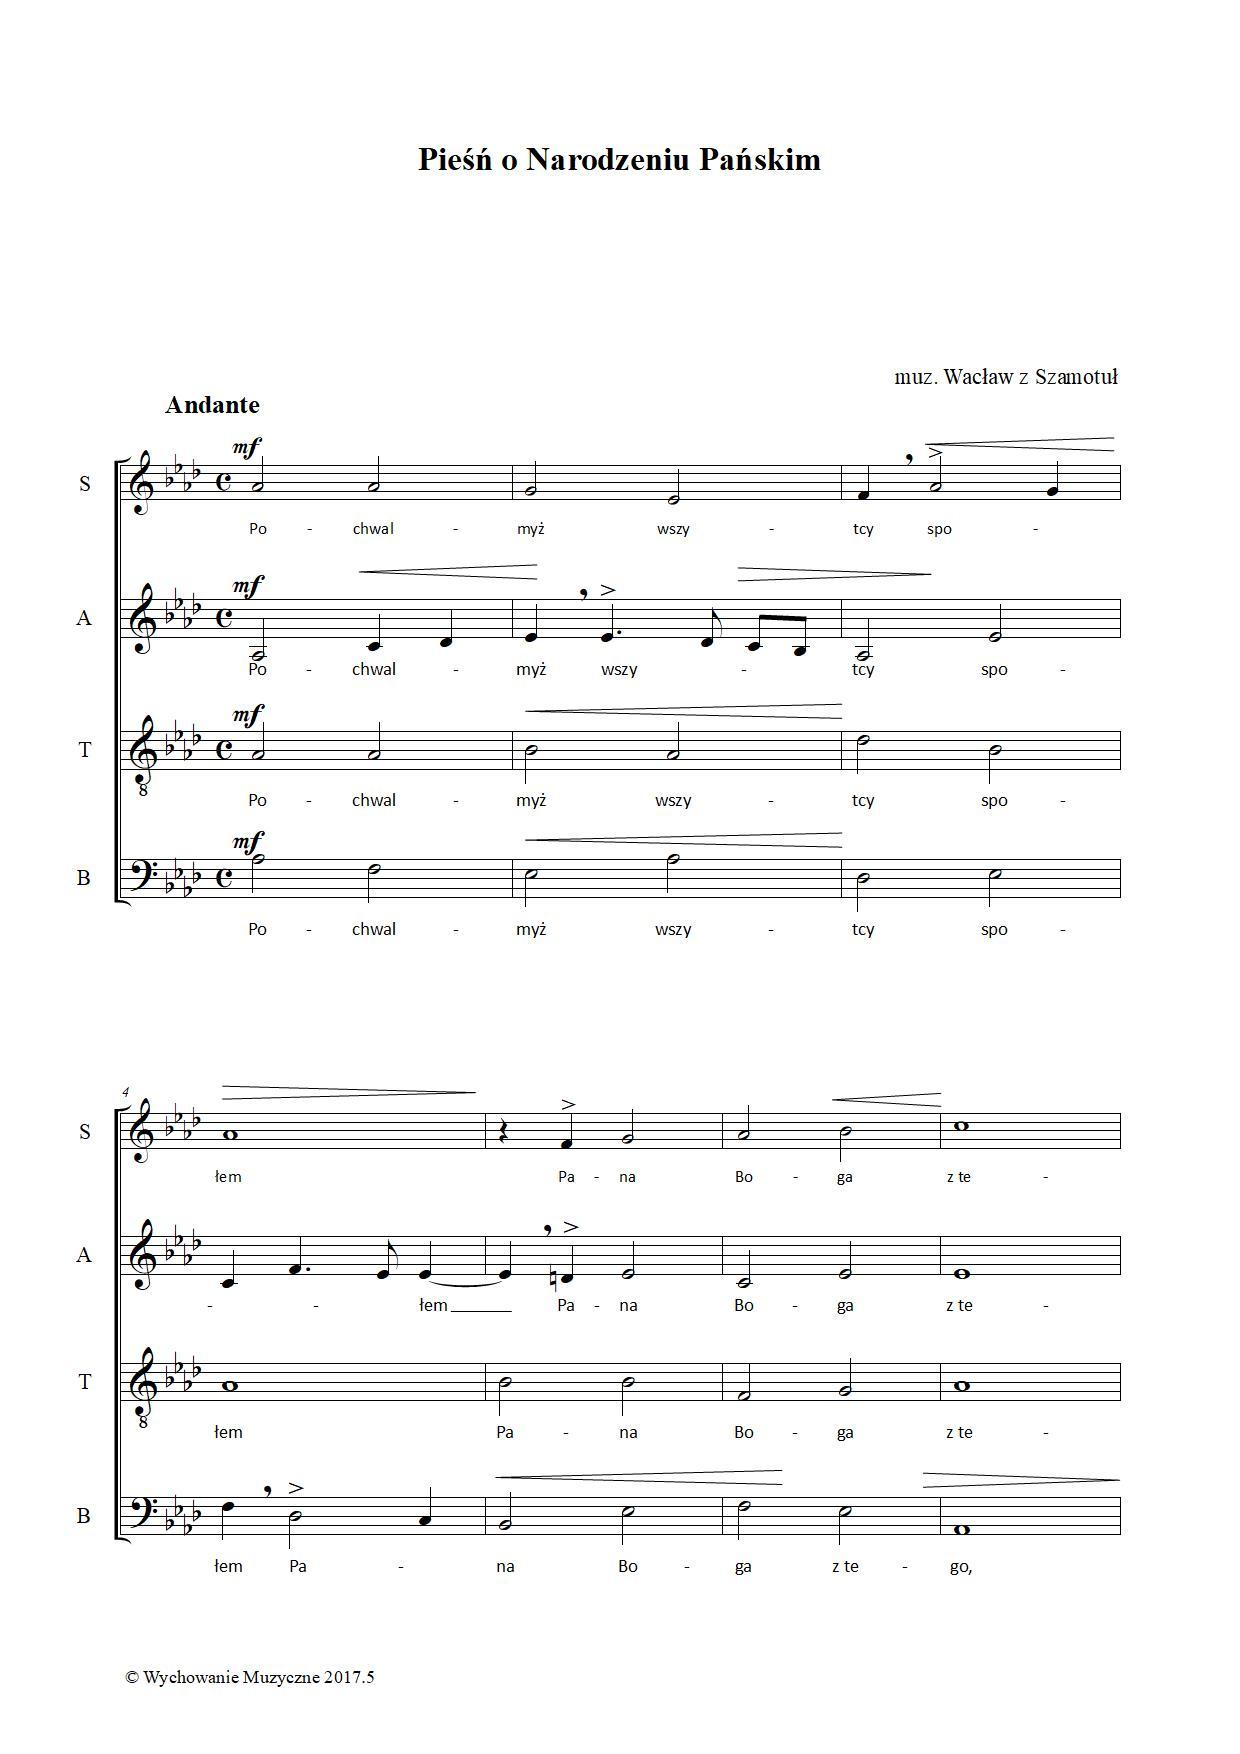 Pieśń o Narodzeniu Pańskim